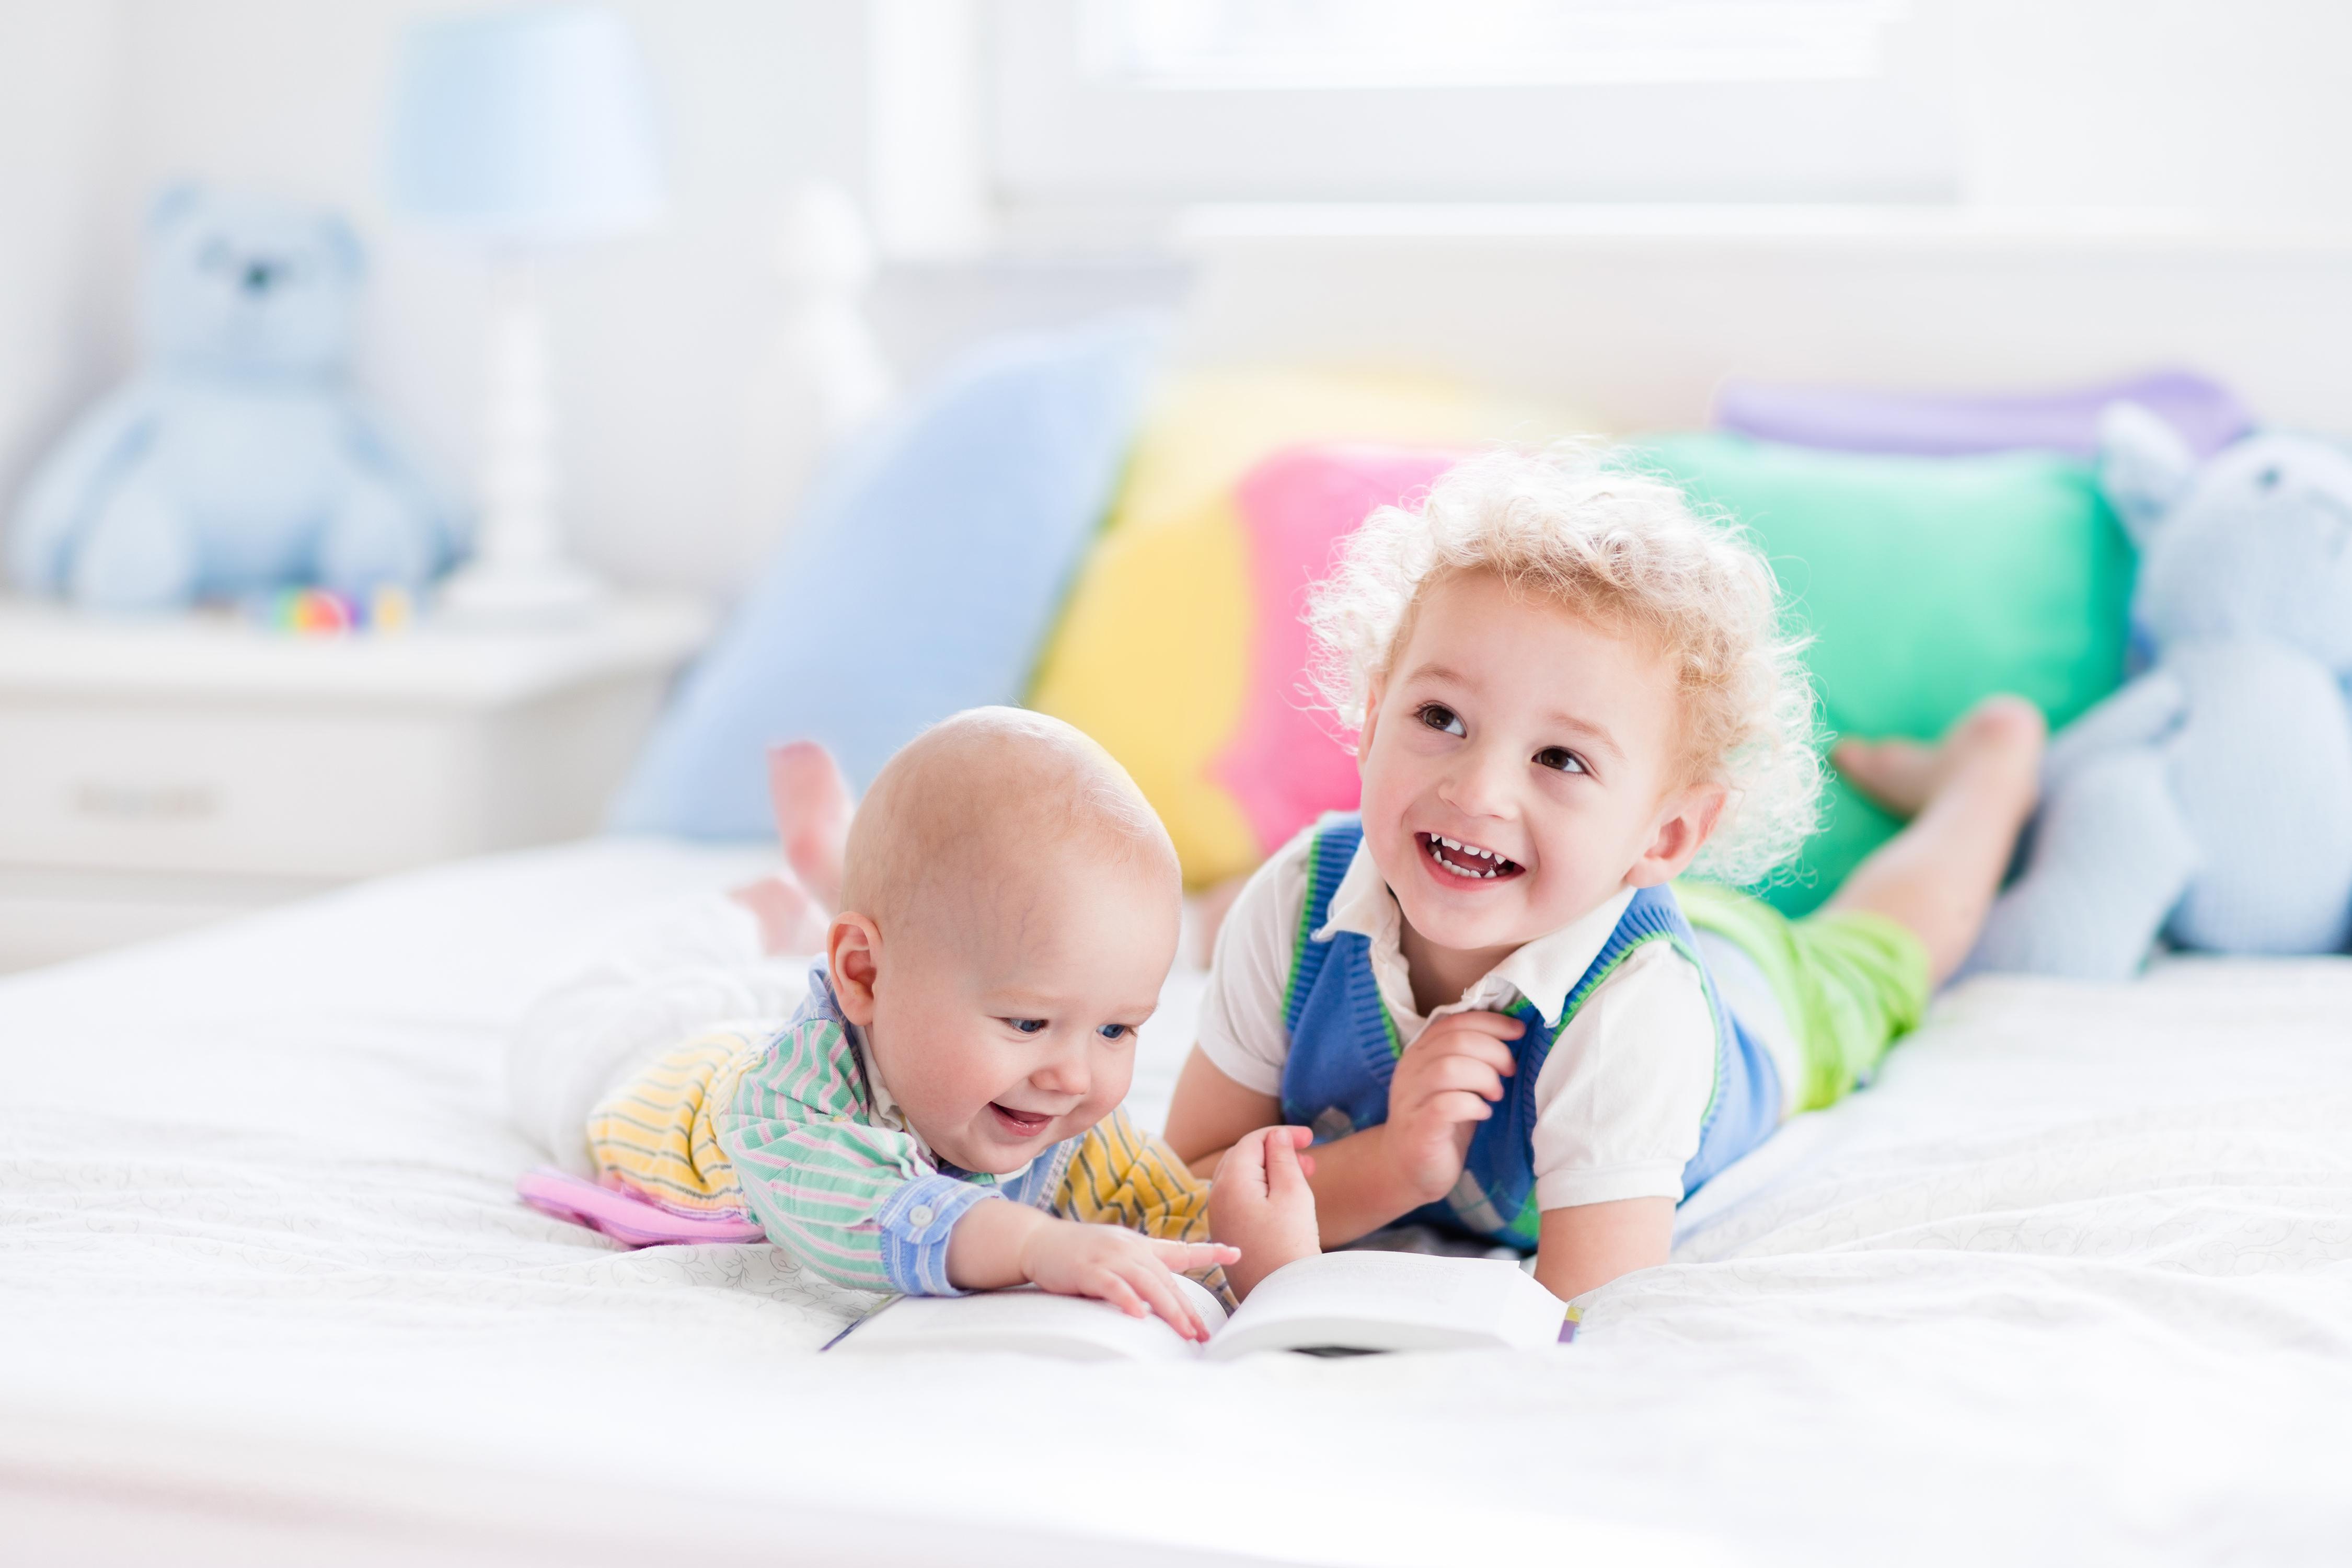 Marija Montesori je tvrdila da deca od rođenja do 6. godine poseduju upravo taj upijajući um. Zato obratite pažnju na Montesori knjige za decu koje smo izdvojili za vas. Copyright: FamVeld